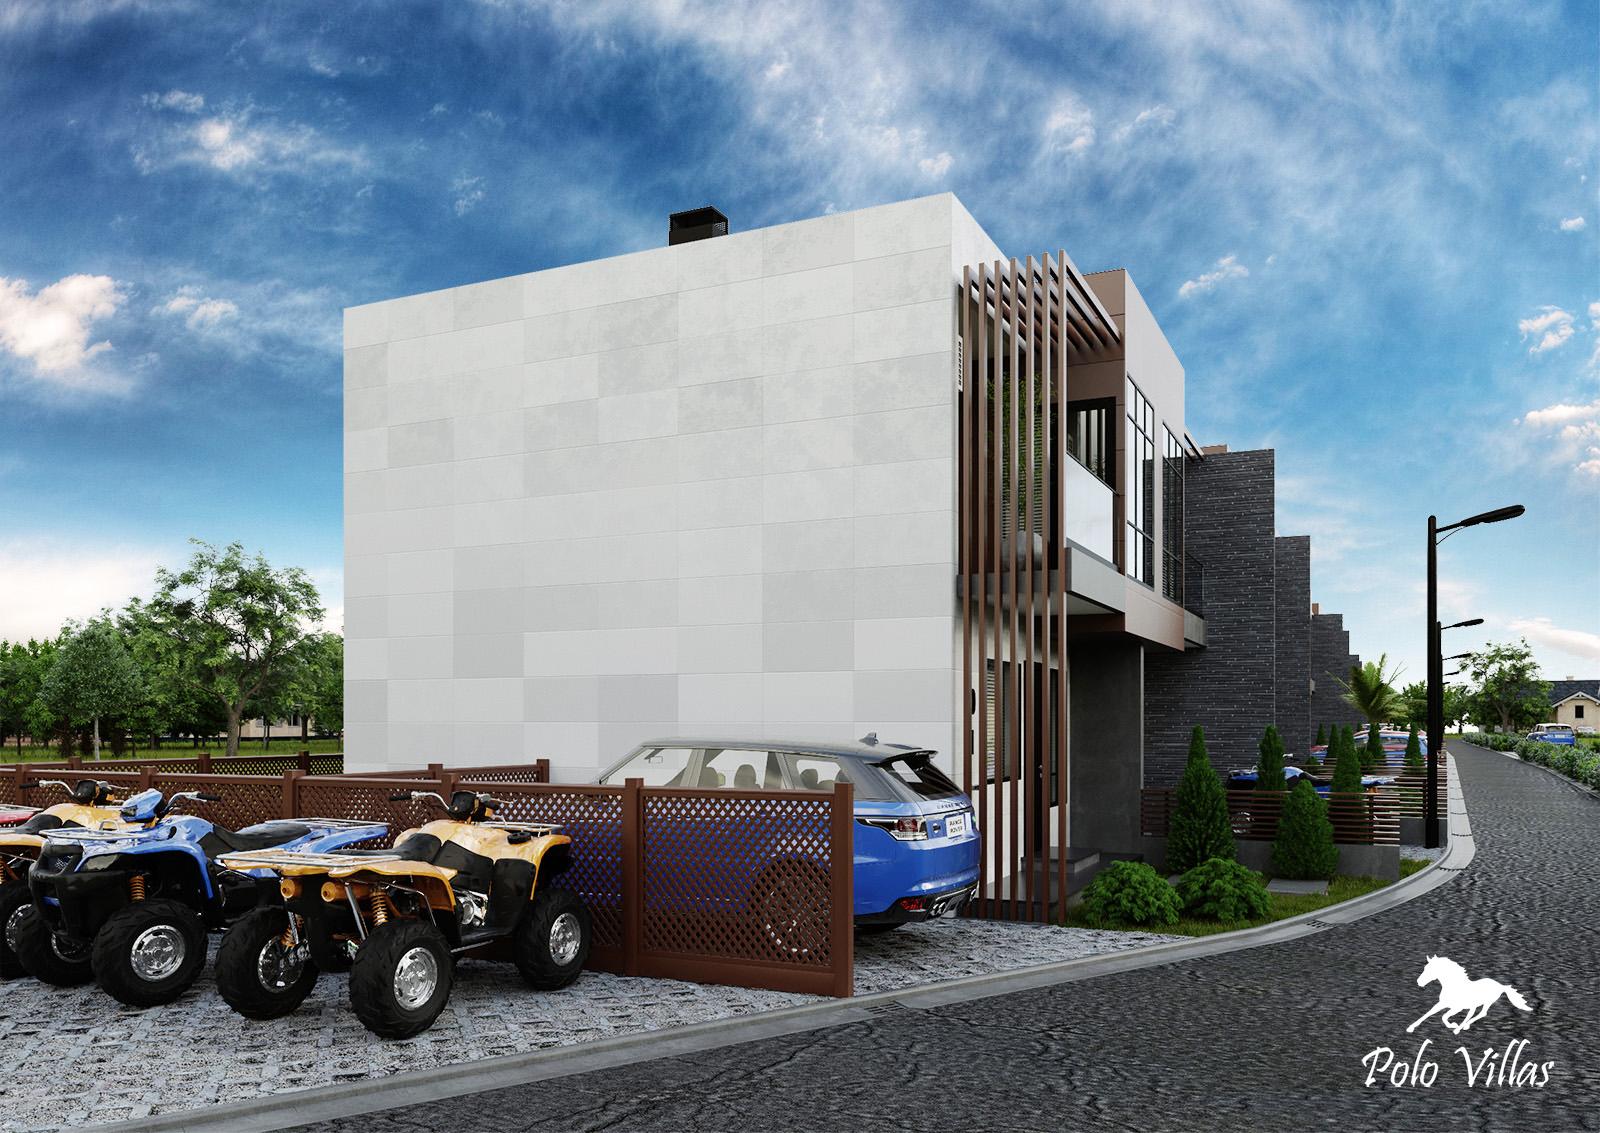 Продажа квартир в Батуми Грузия